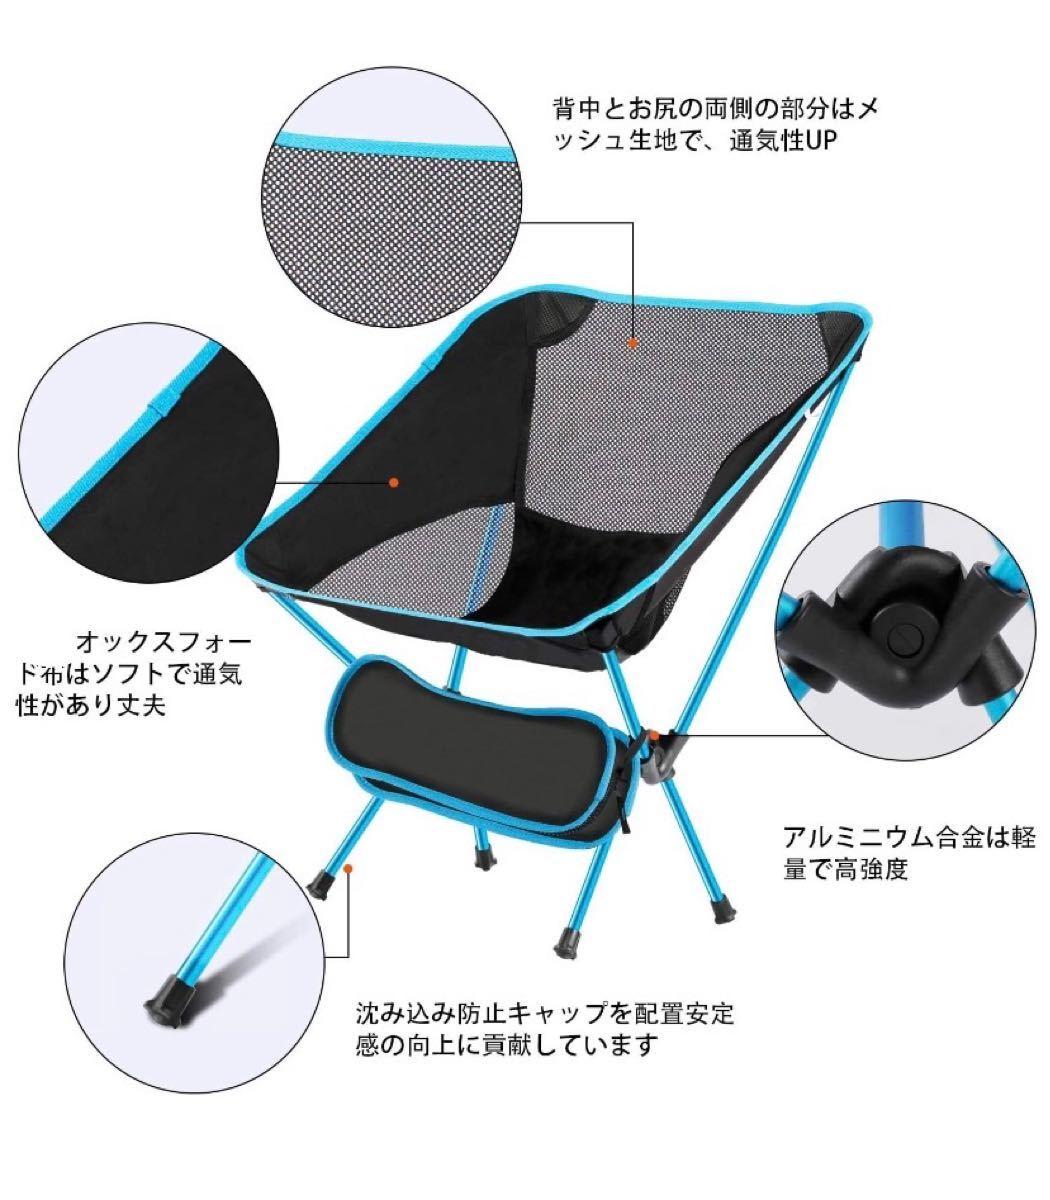 折りたたみアウトドアチェア キャンプ用品 コンパクトチェア アルミ合金&軽量新品 アウトドアチェア超軽量 折りたたみ椅子 持ち運び